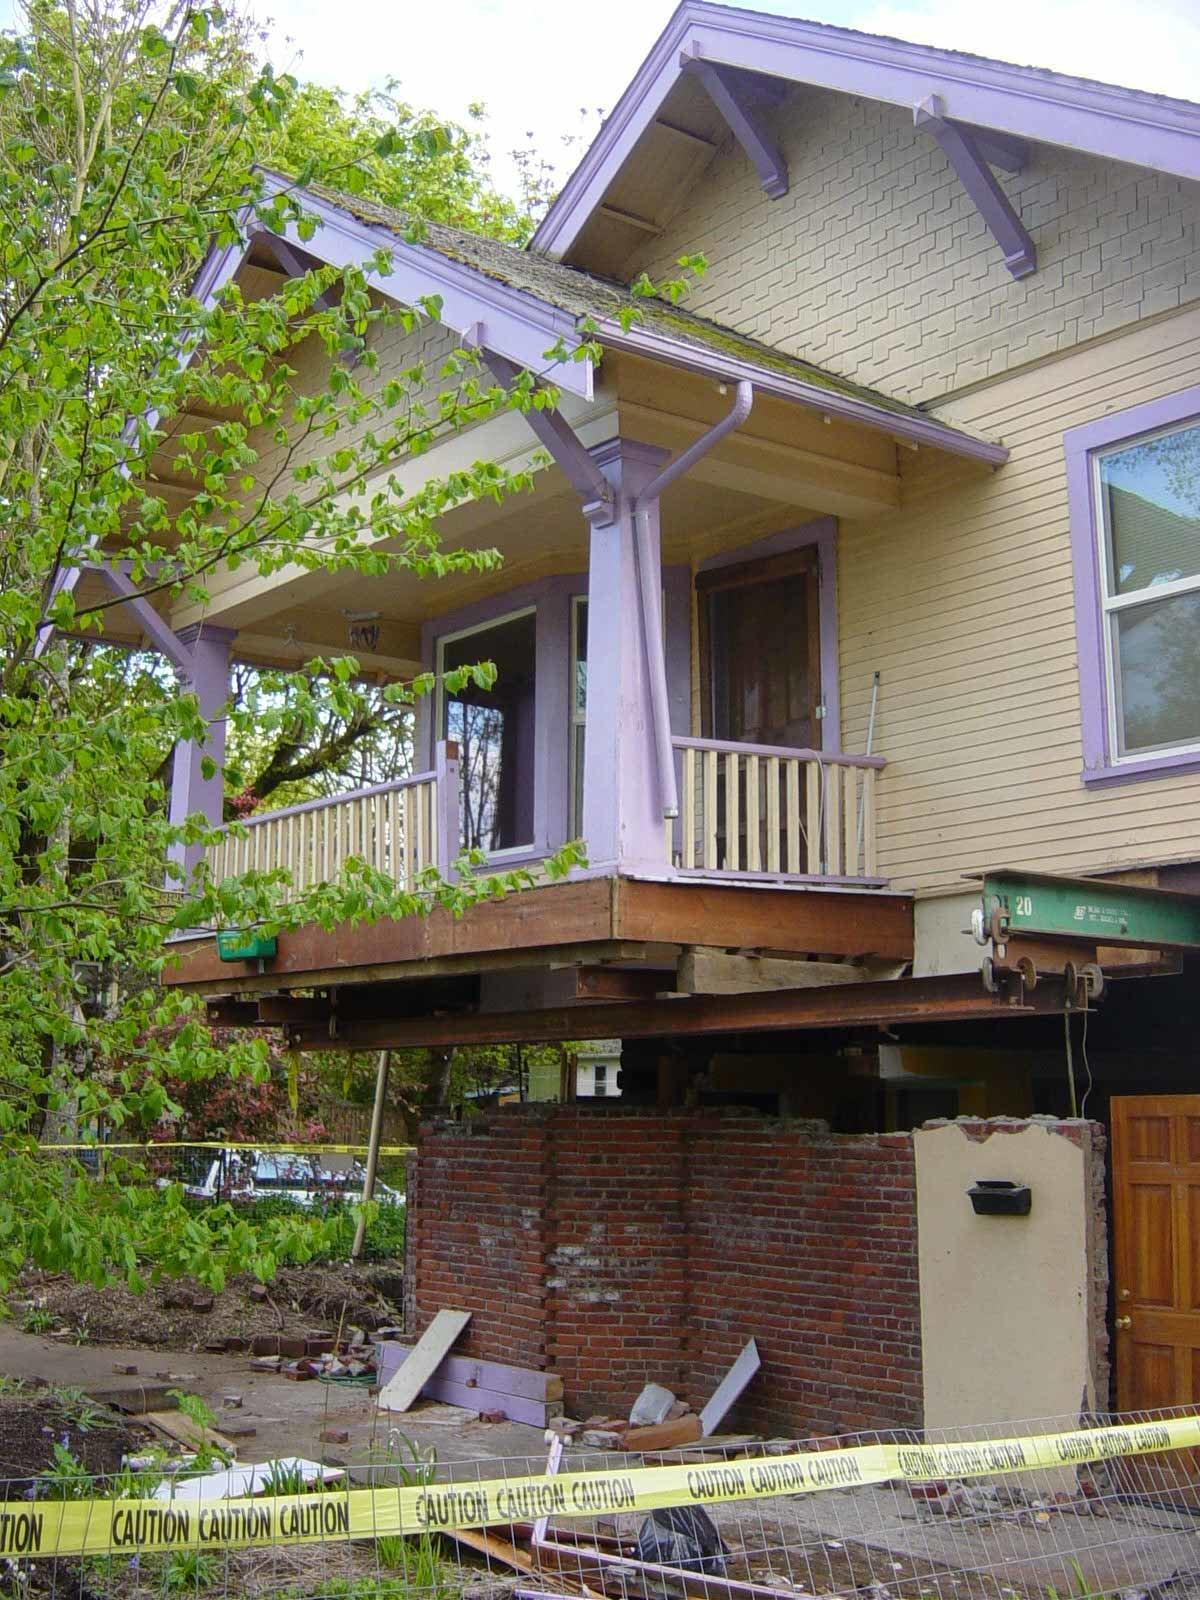 East Blair Housing Co-op